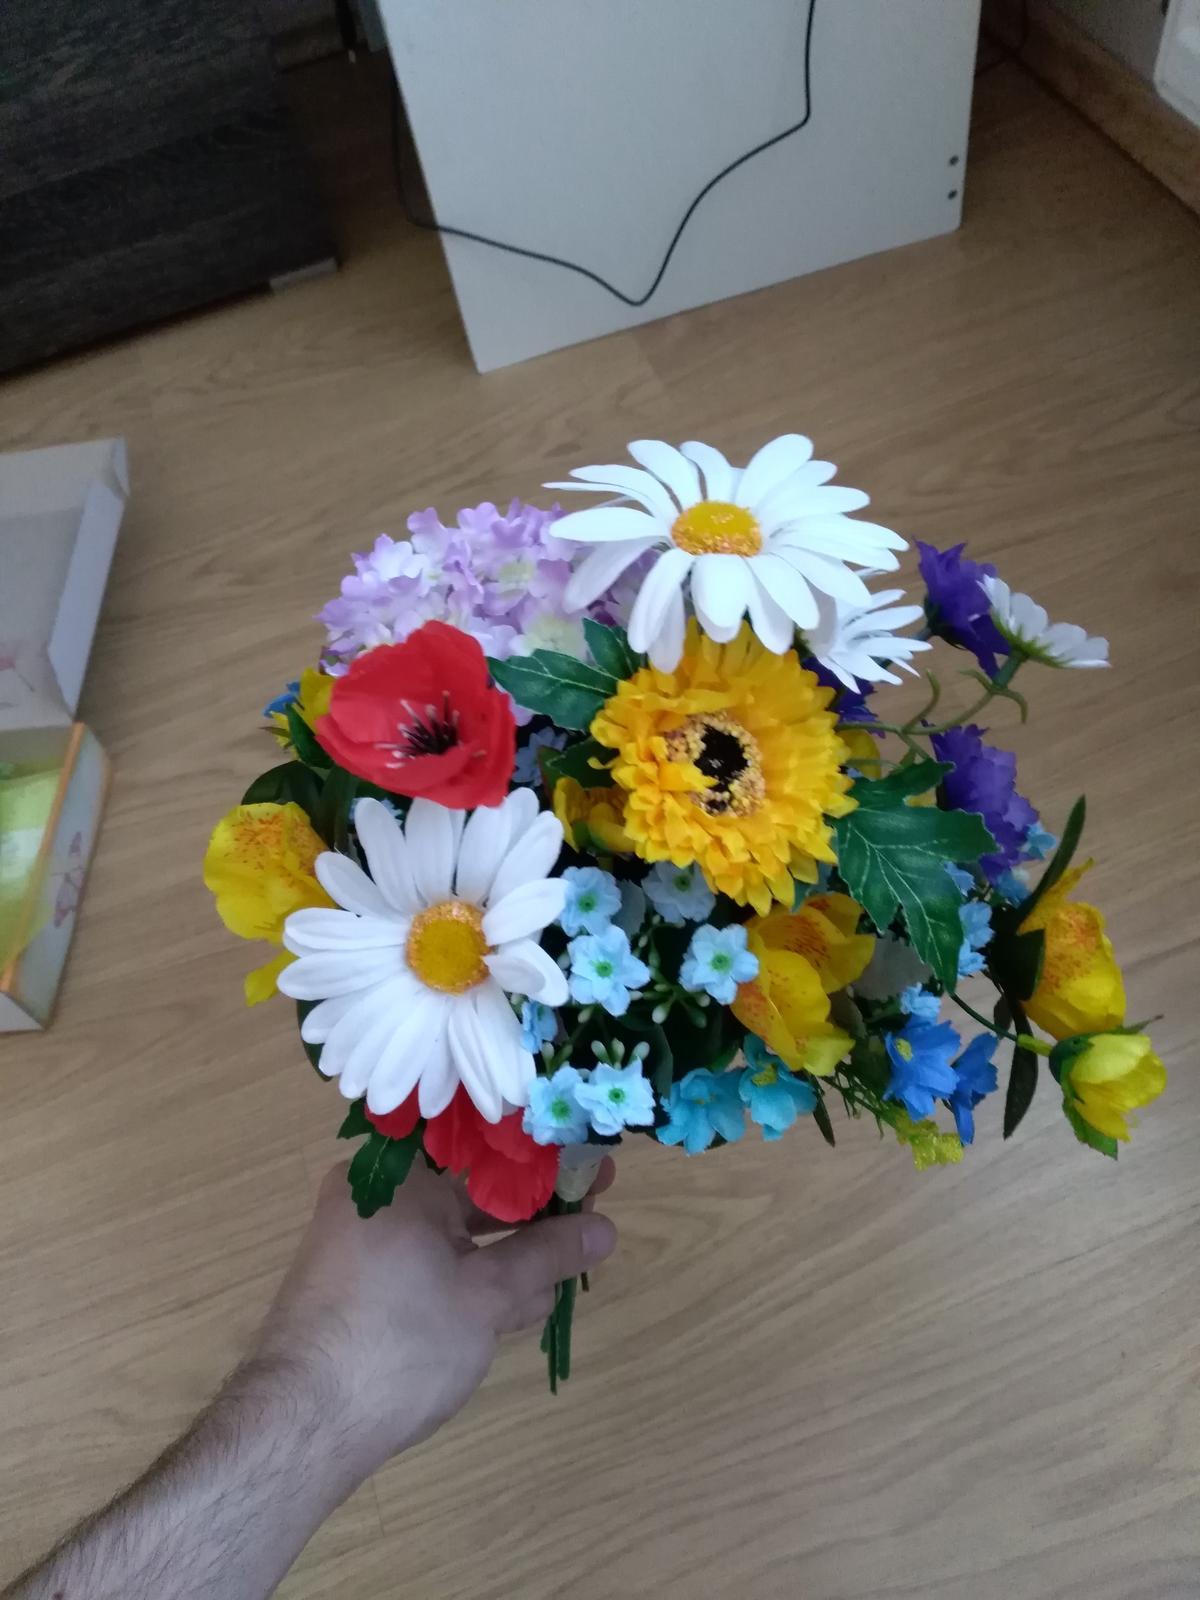 kytice z umelých kvetov - Obrázok č. 1